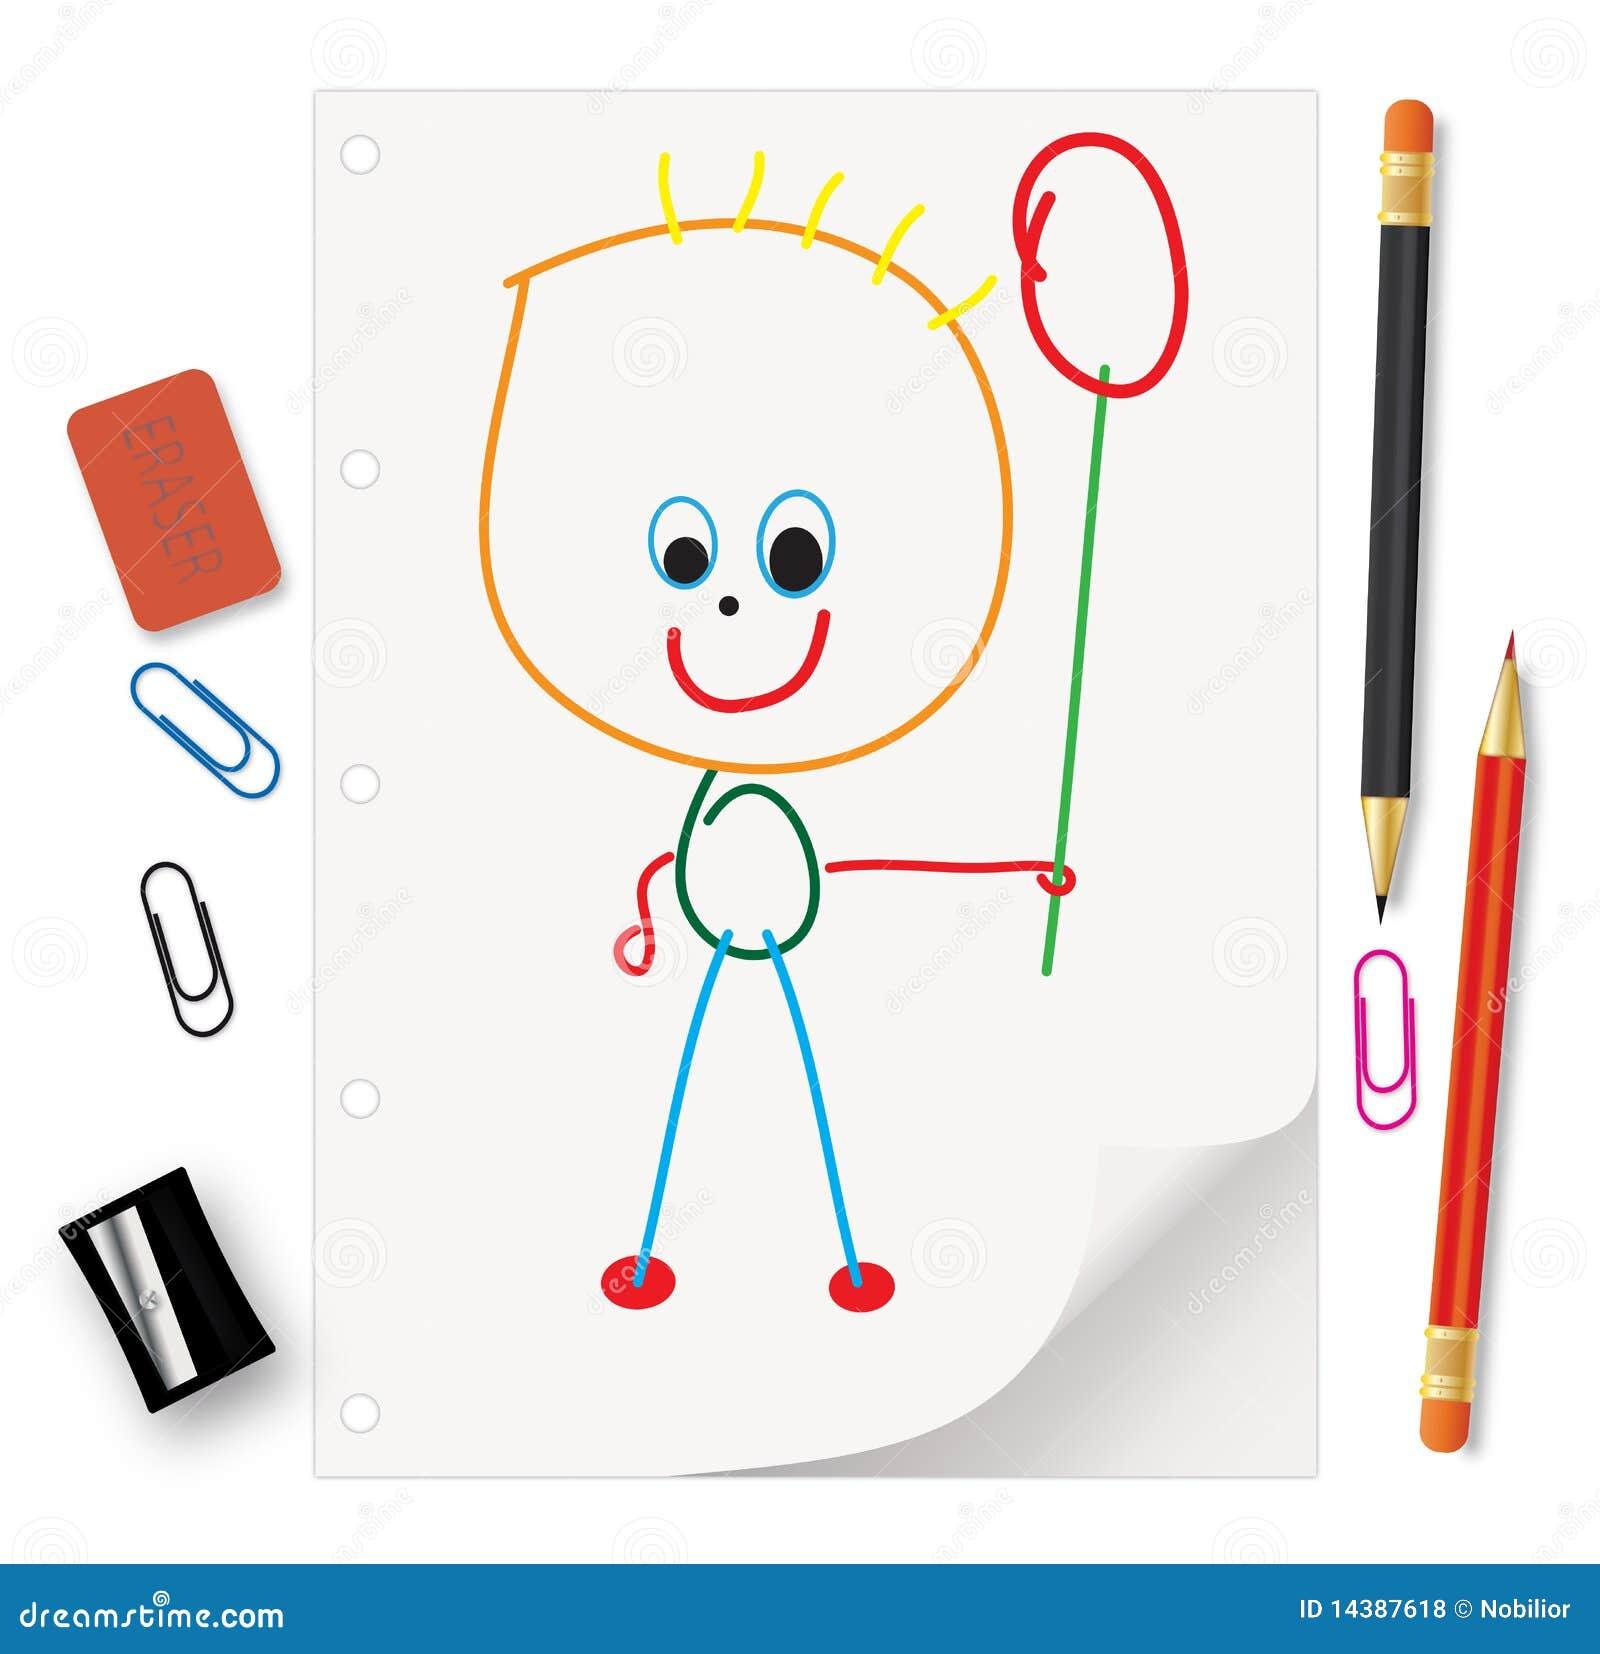 drawings gift kids - Kids Drawings Images